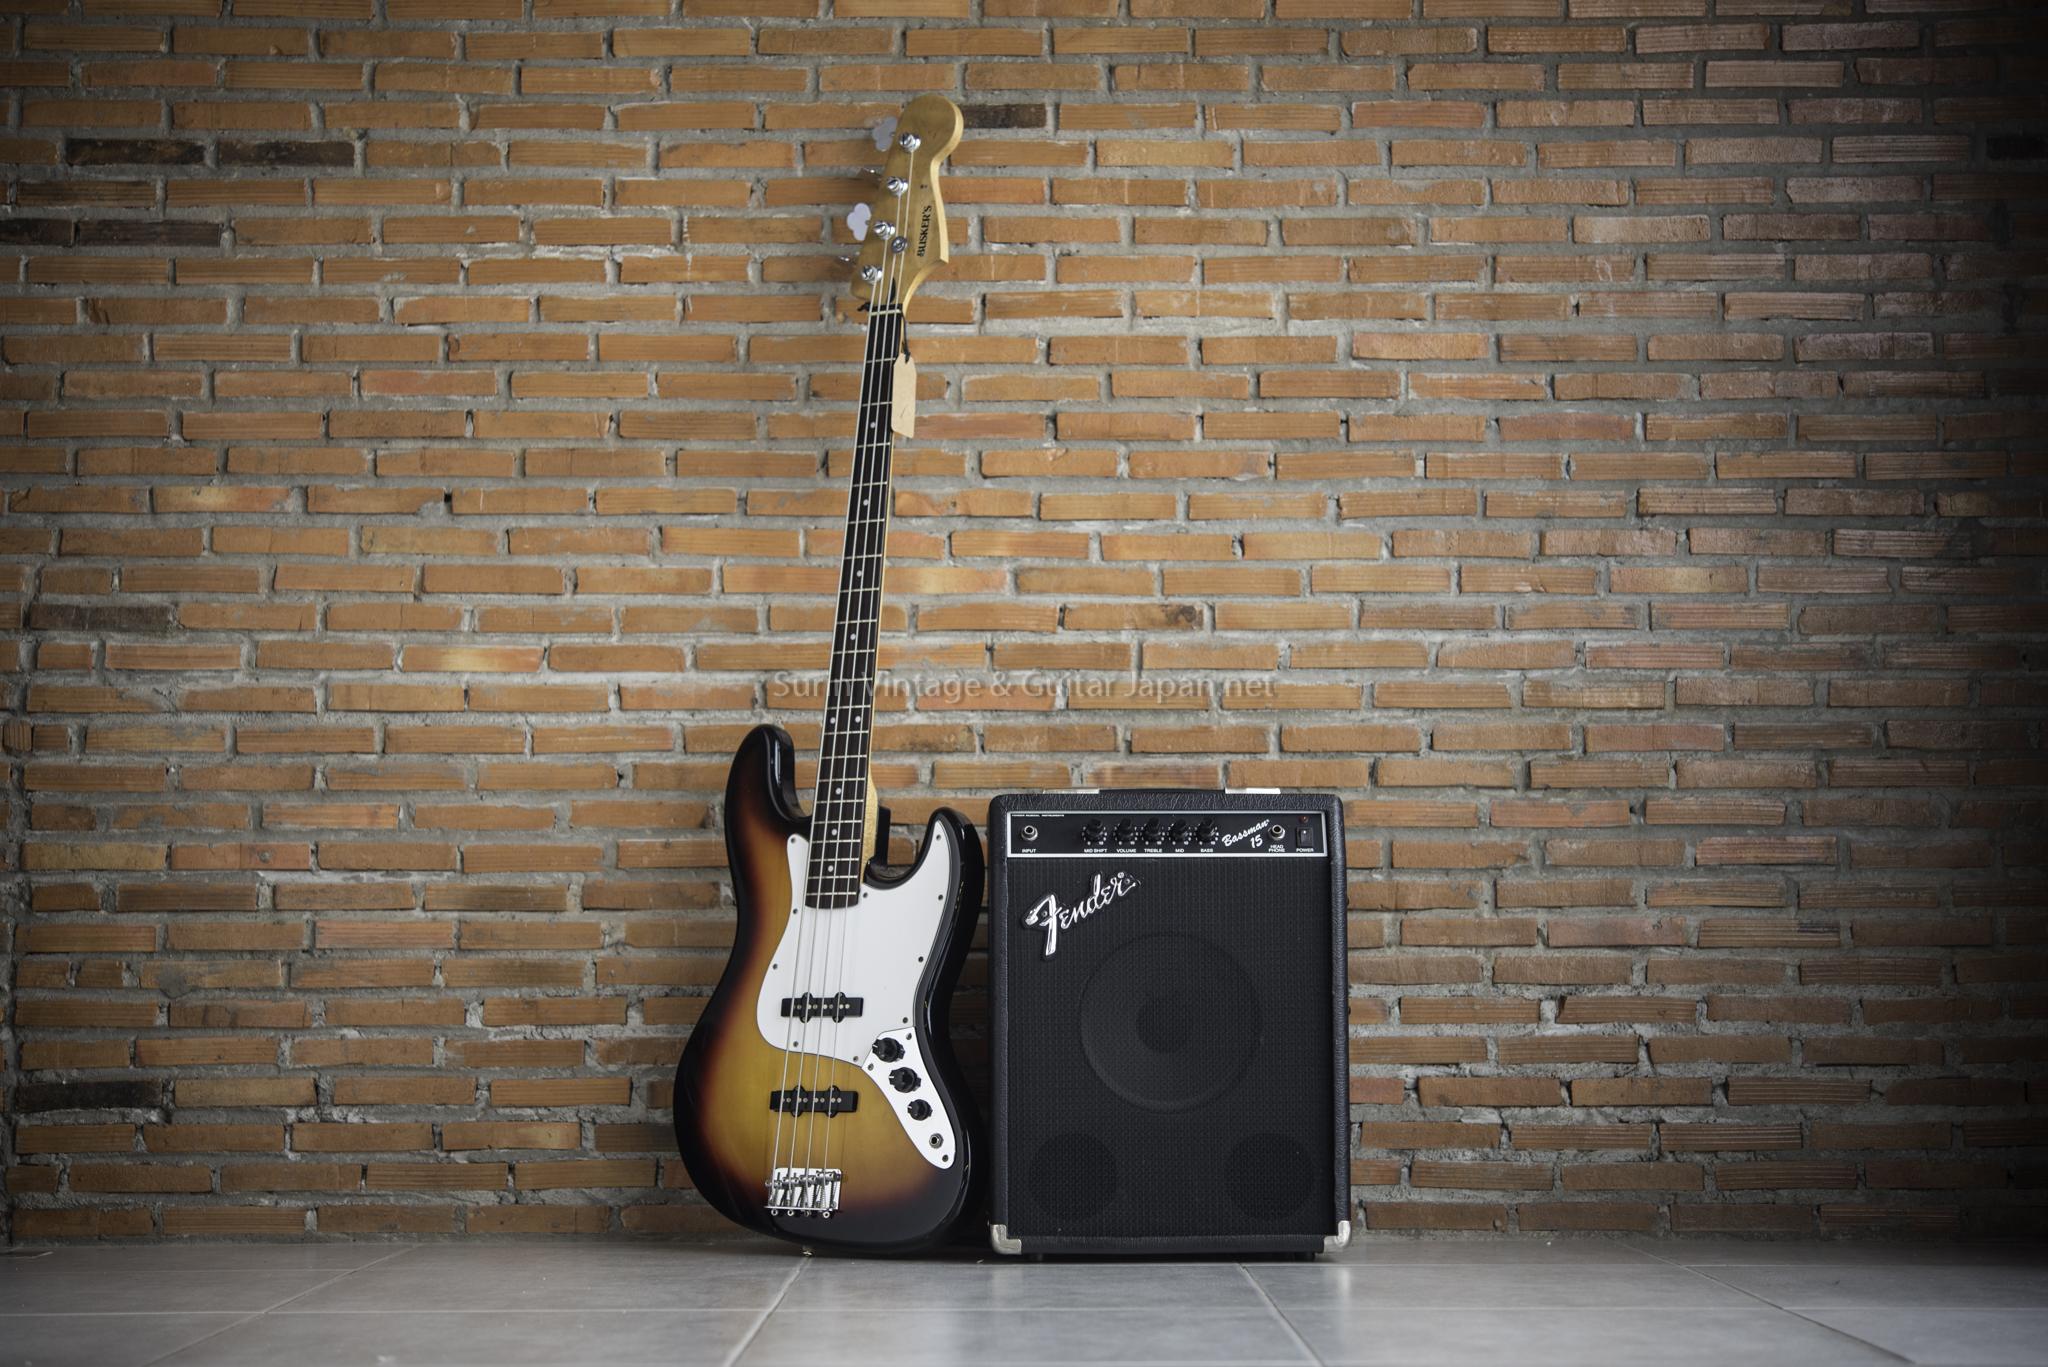 แอมป์เบส มือสอง Fender Bassman 15CE No.1